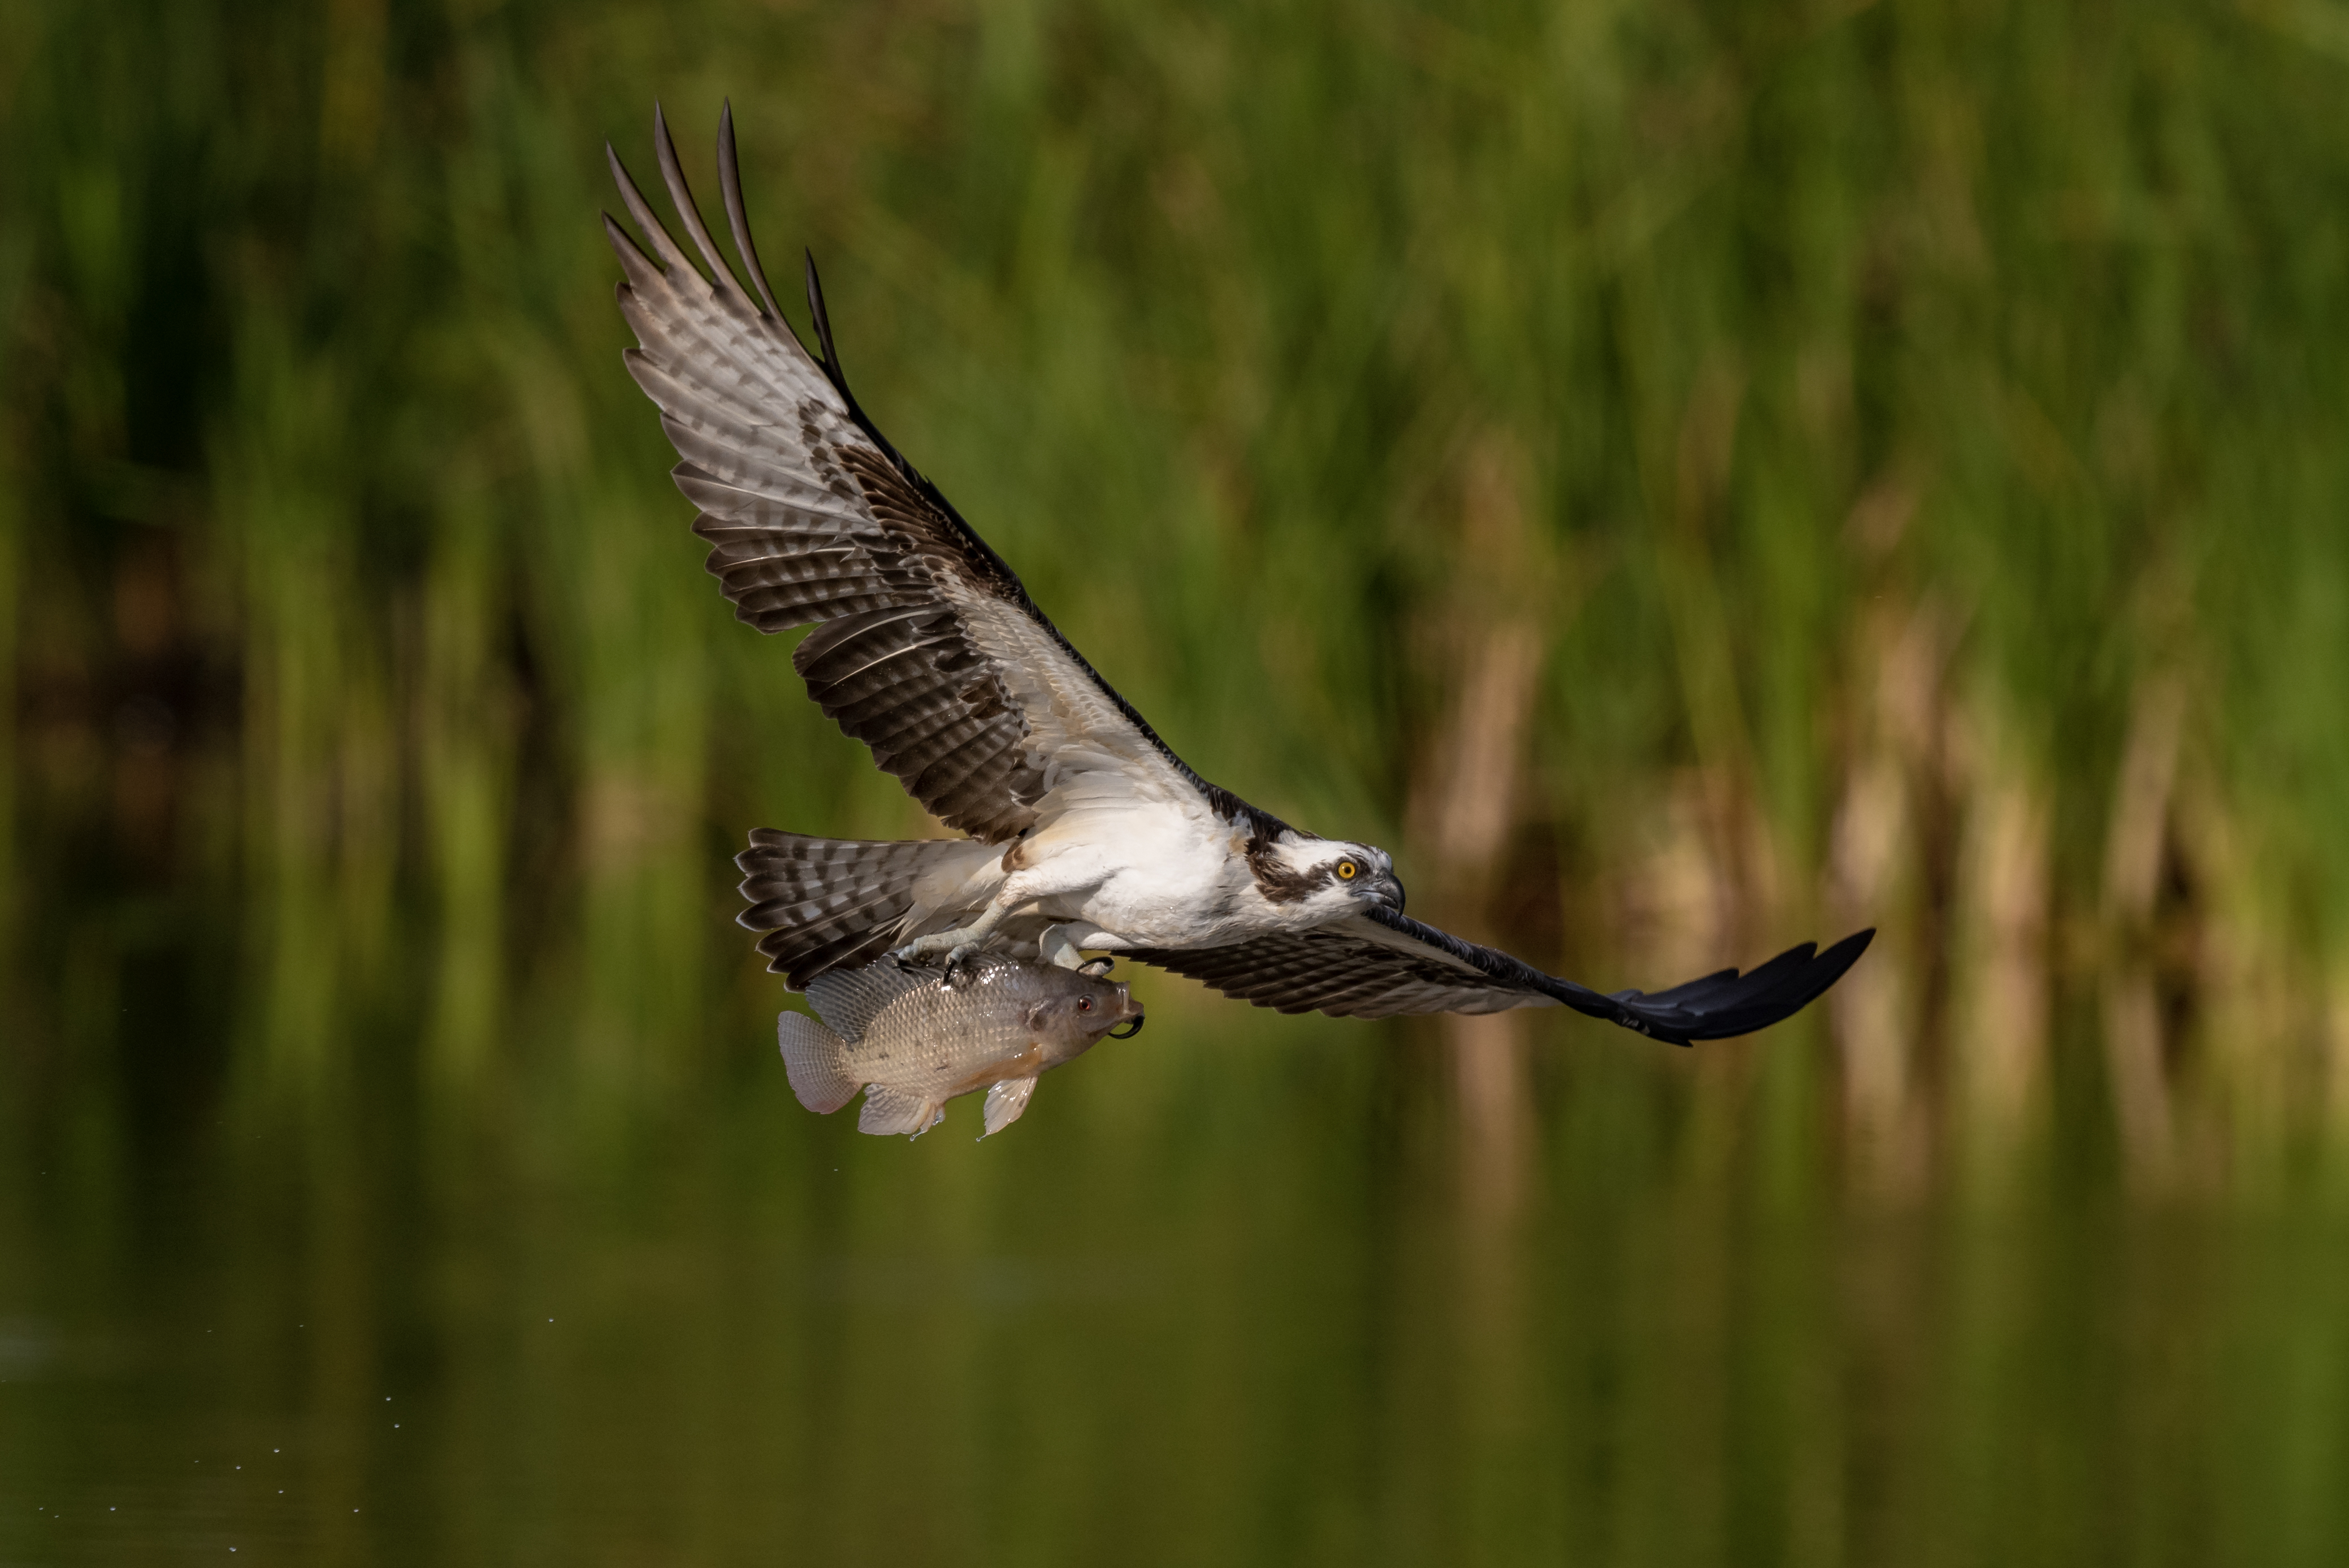 Nikon Z7 vs D850 vs D500 Bird In Flight - Wildlife - Auto